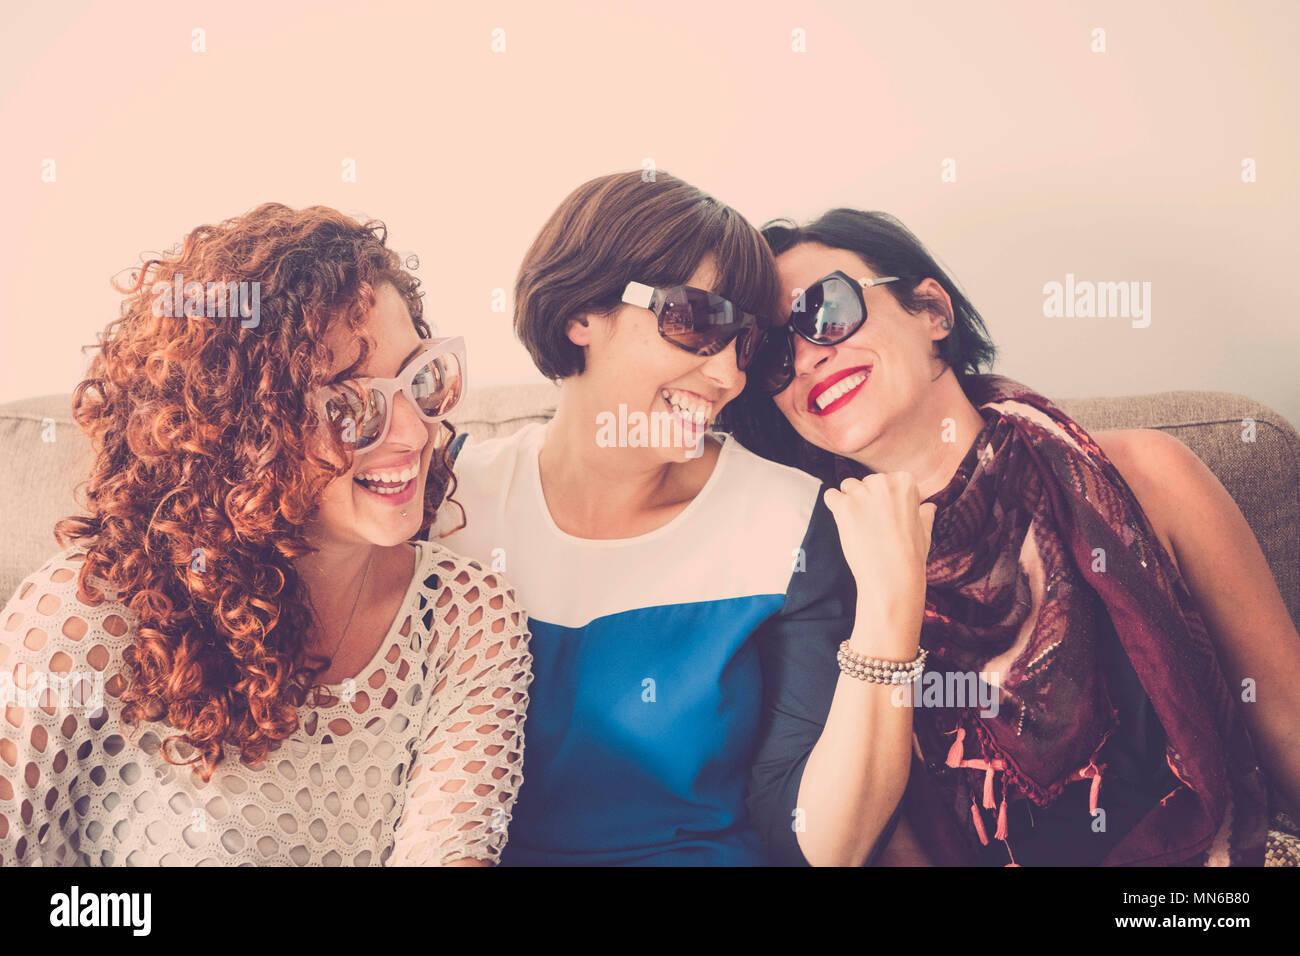 Tre donne popolazione caucasica griup avente il divertimento a casa con la pazzia e la felicità insieme. concetto di amicizia tra le ragazze giovani e belle. luminose v Immagini Stock